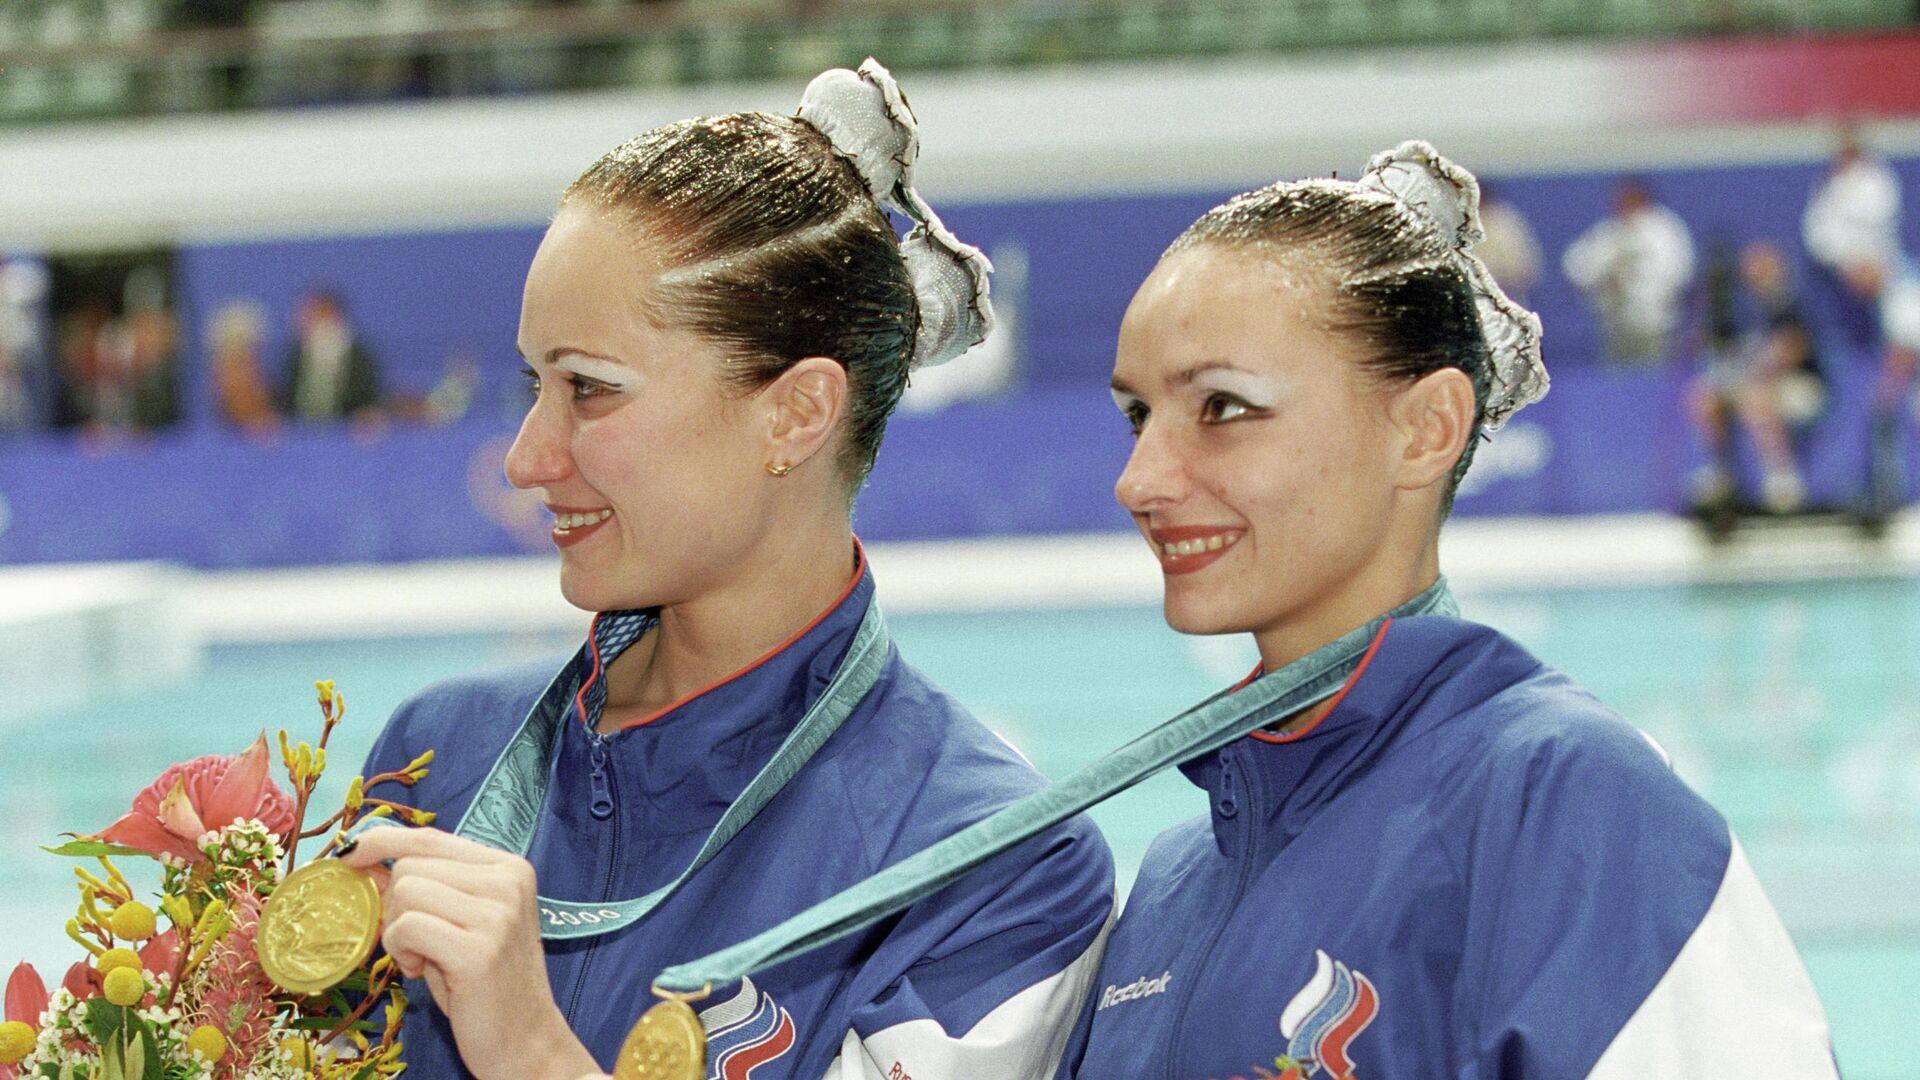 Спортсменки Ольга Брусникина и Мария Киселева, завоевавшие 1-е место в соревнованиях по синхронному плаванию на XXVII летней Олимпиаде в Сиднее - РИА Новости, 1920, 26.09.2020